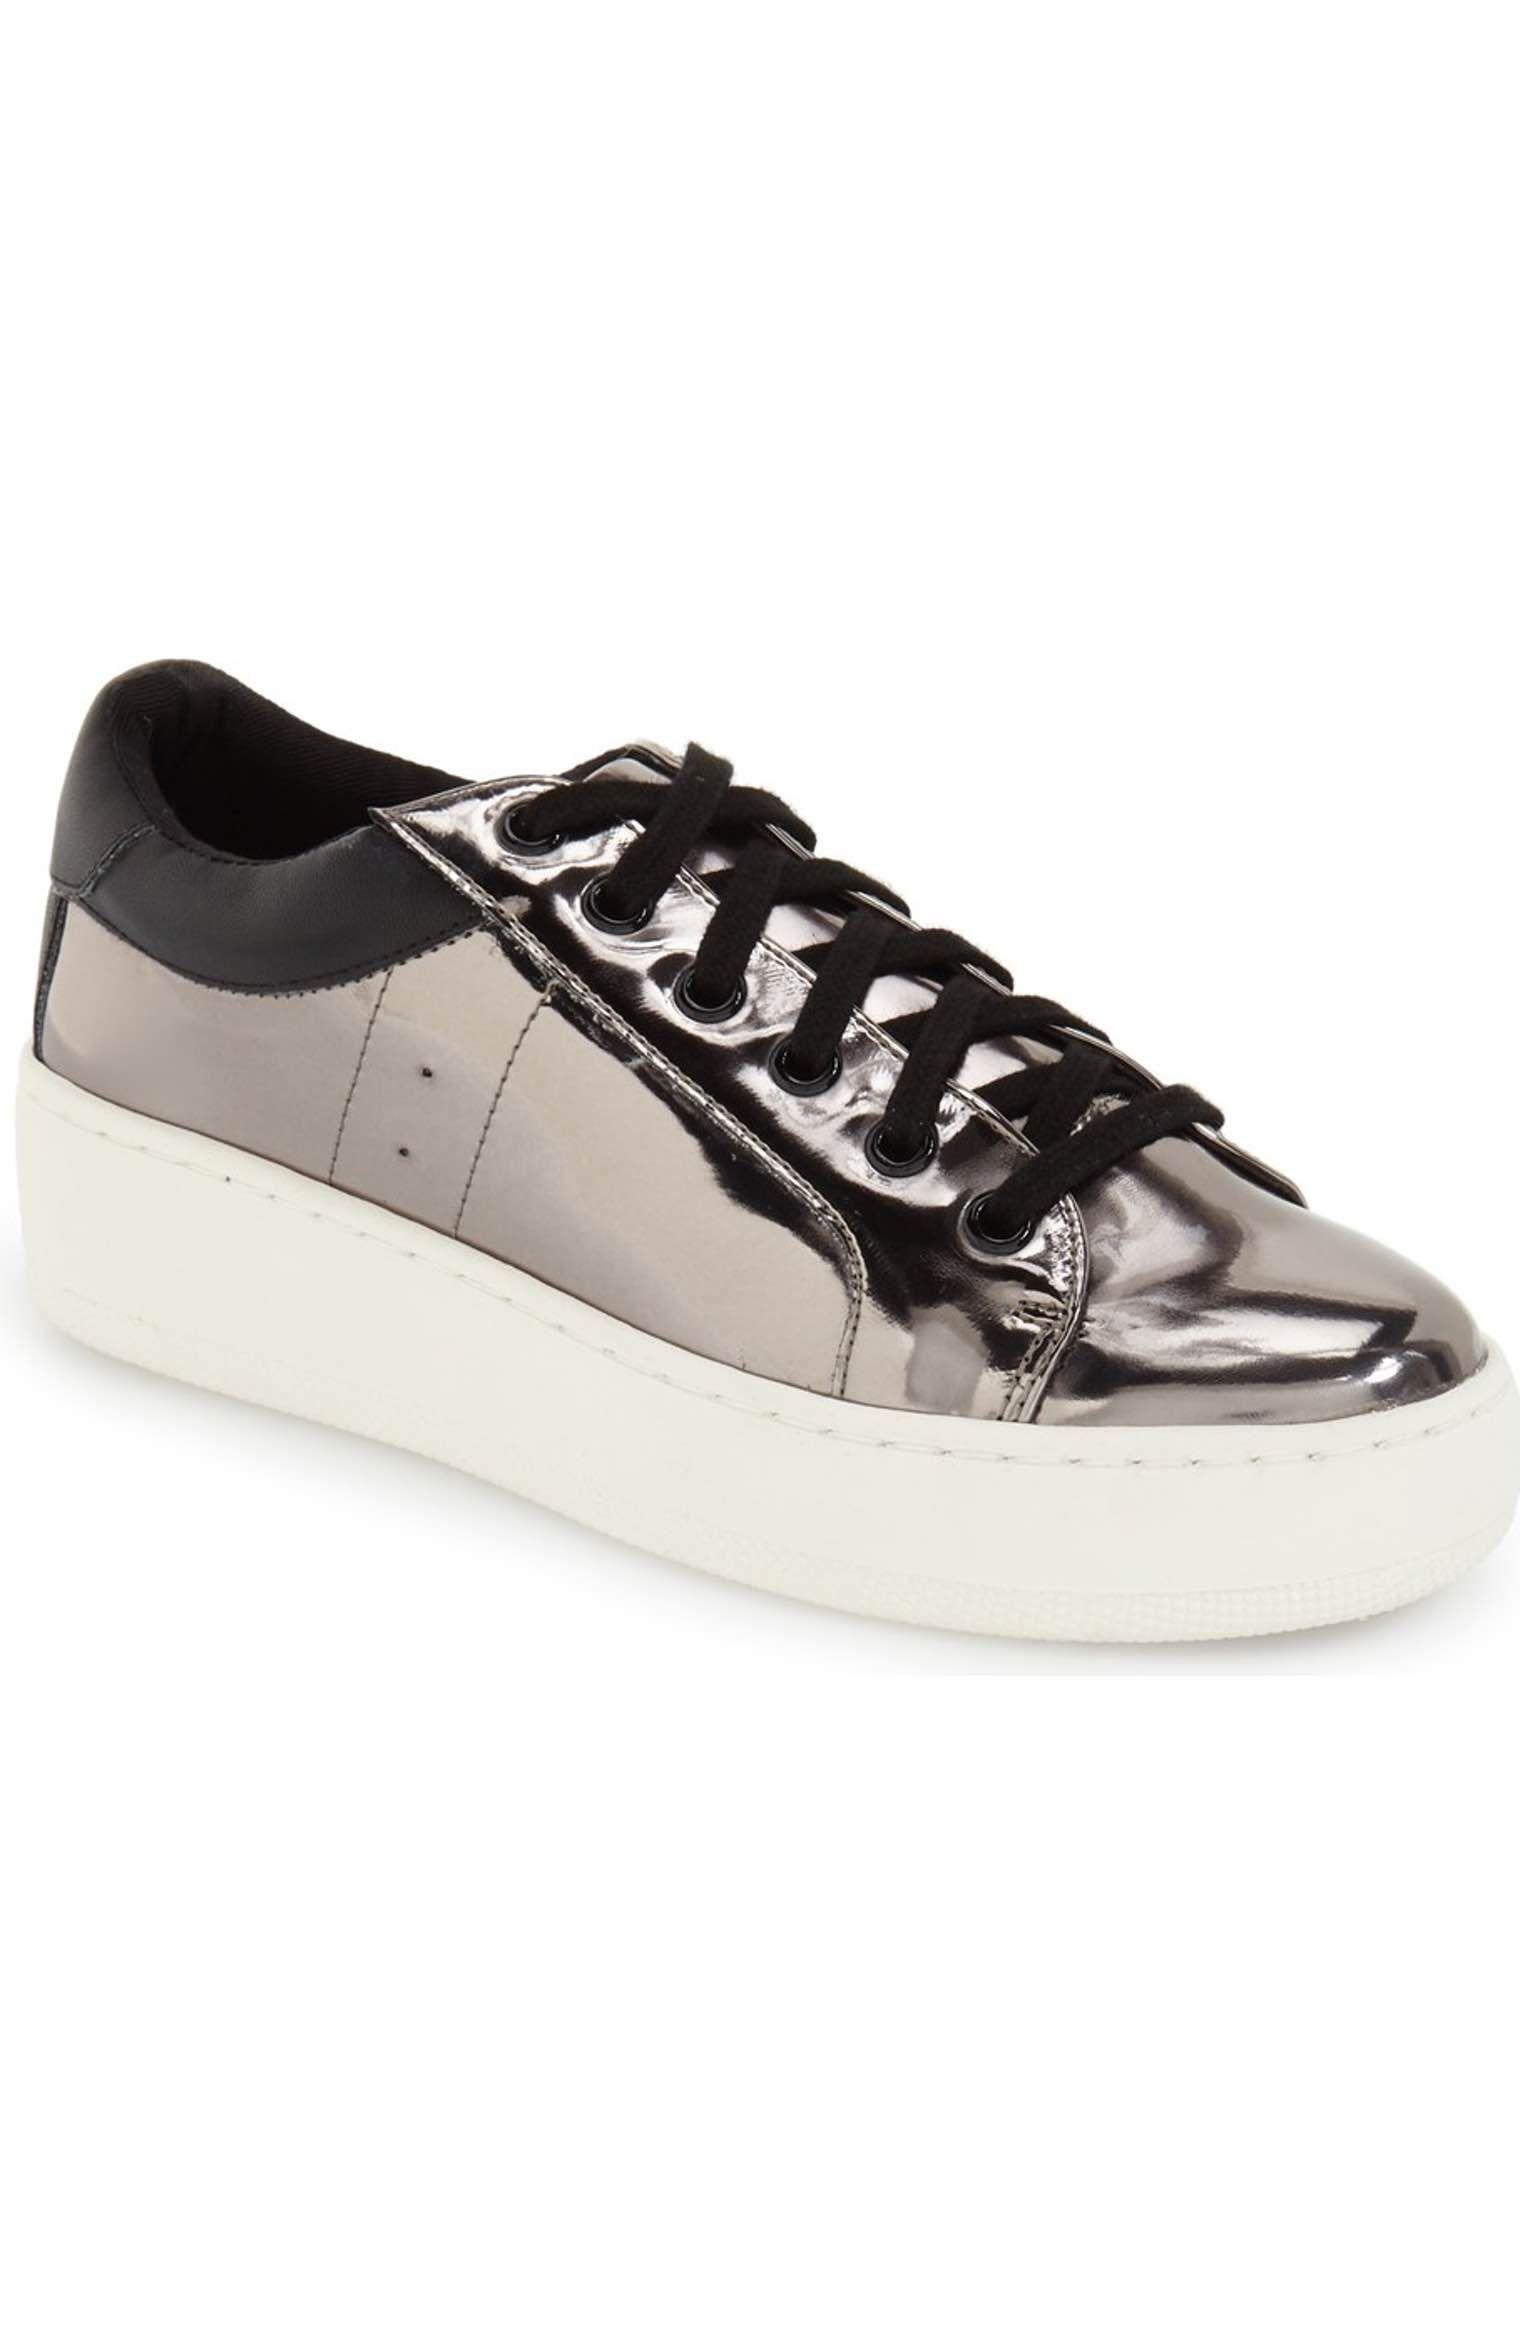 01a92b09eb2 Main Image - Steve Madden  Bertie  Metallic Platform Sneaker (Women ...